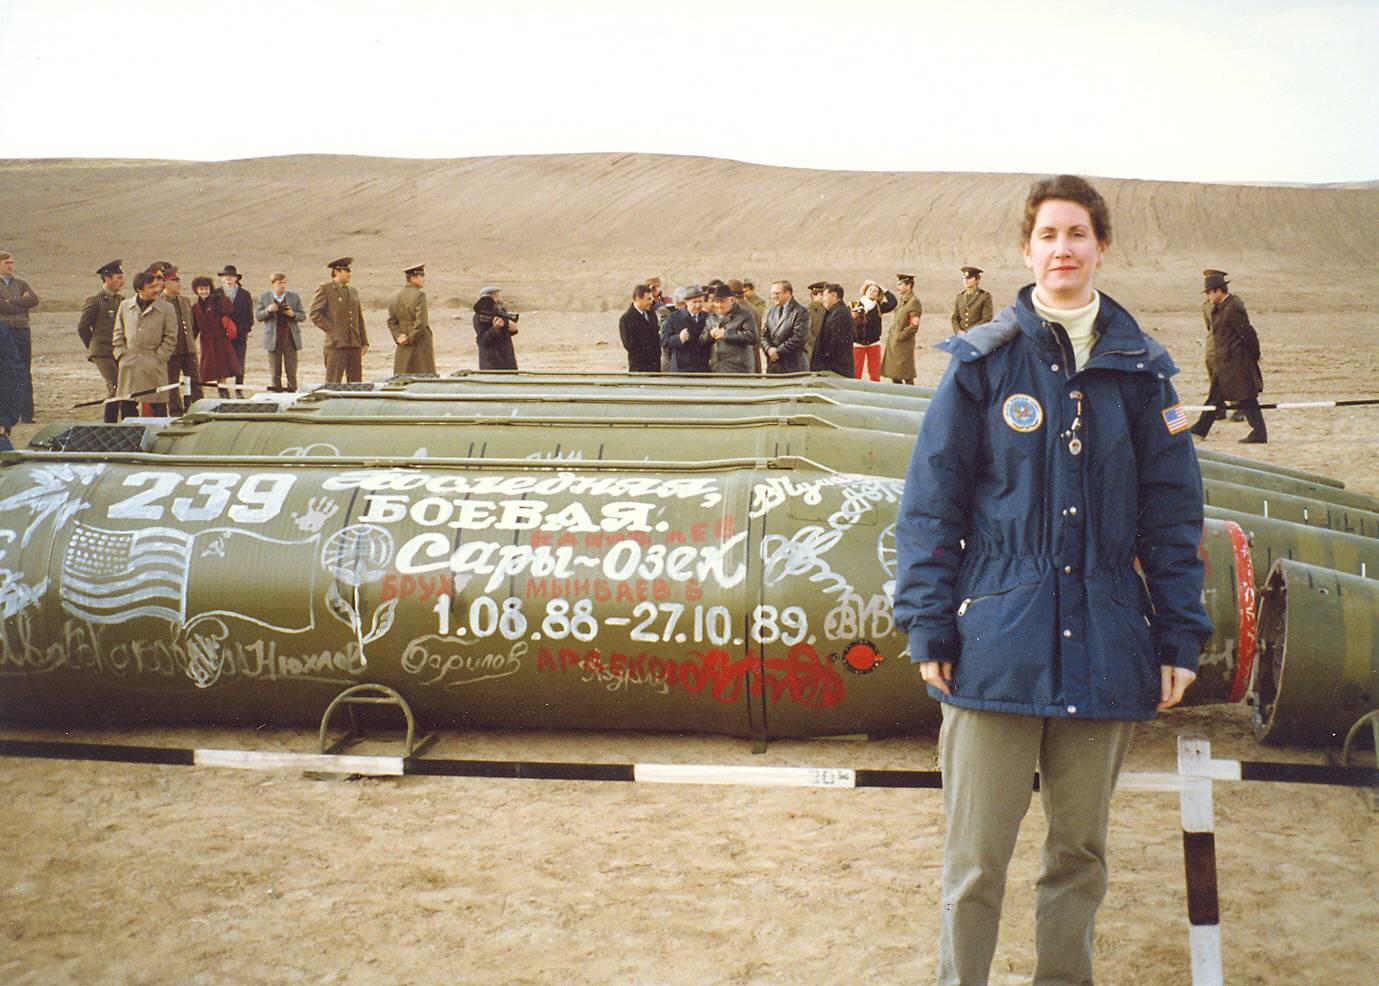 Эйлин Маллой — руководитель группы контроля за вооружениями при посольстве США в Москве на фоне ракет подлежащих утилизации на базе Сары-Озек. 11 мая 1990